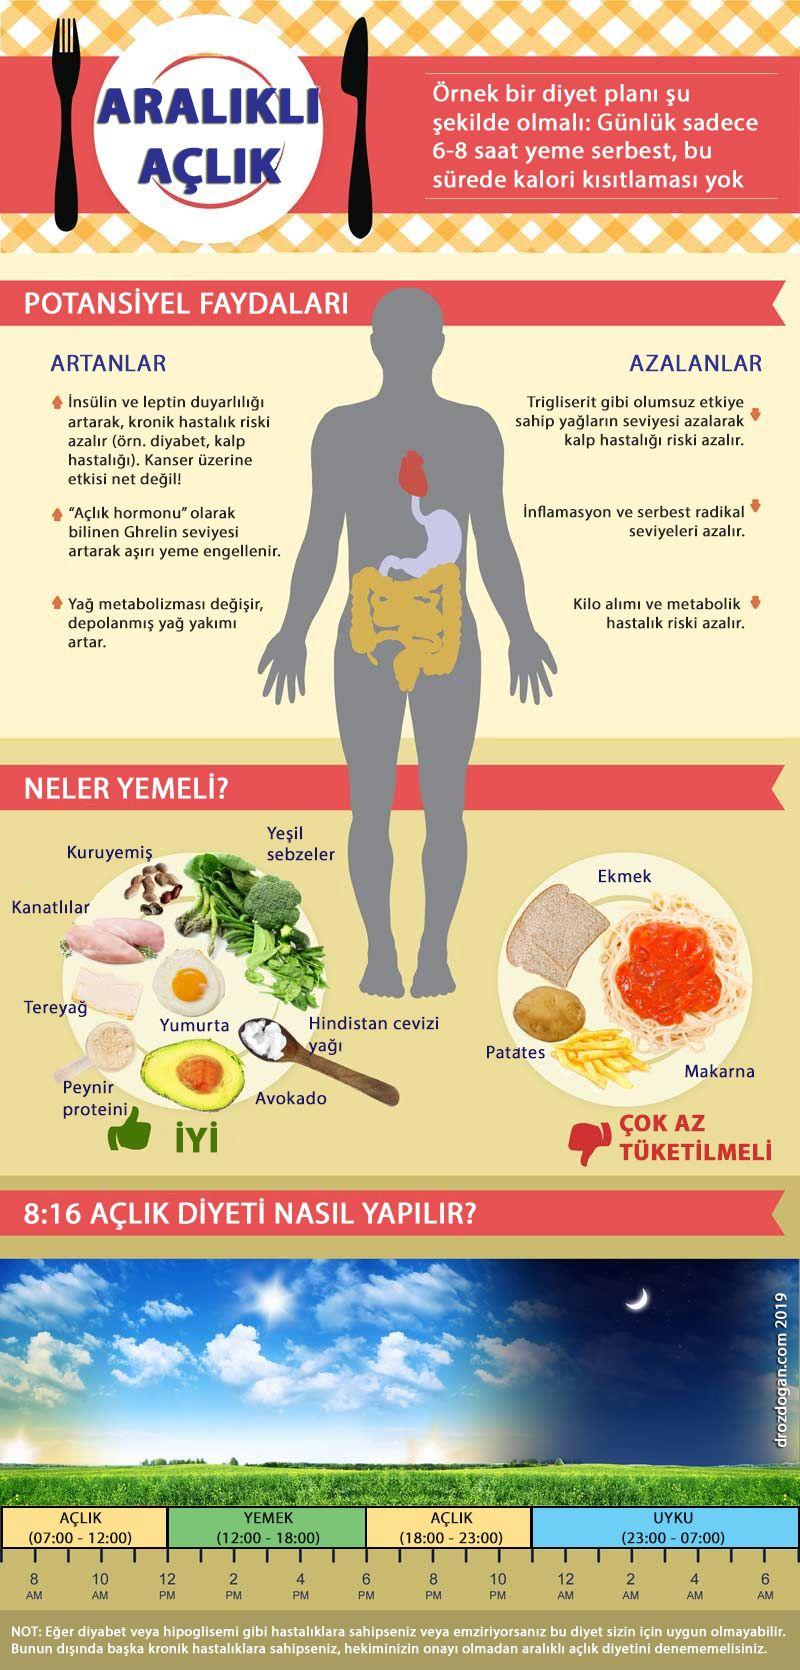 aralıklı açlık oruç diyeti intermittent fasting nedir faydaları kanser yan etki